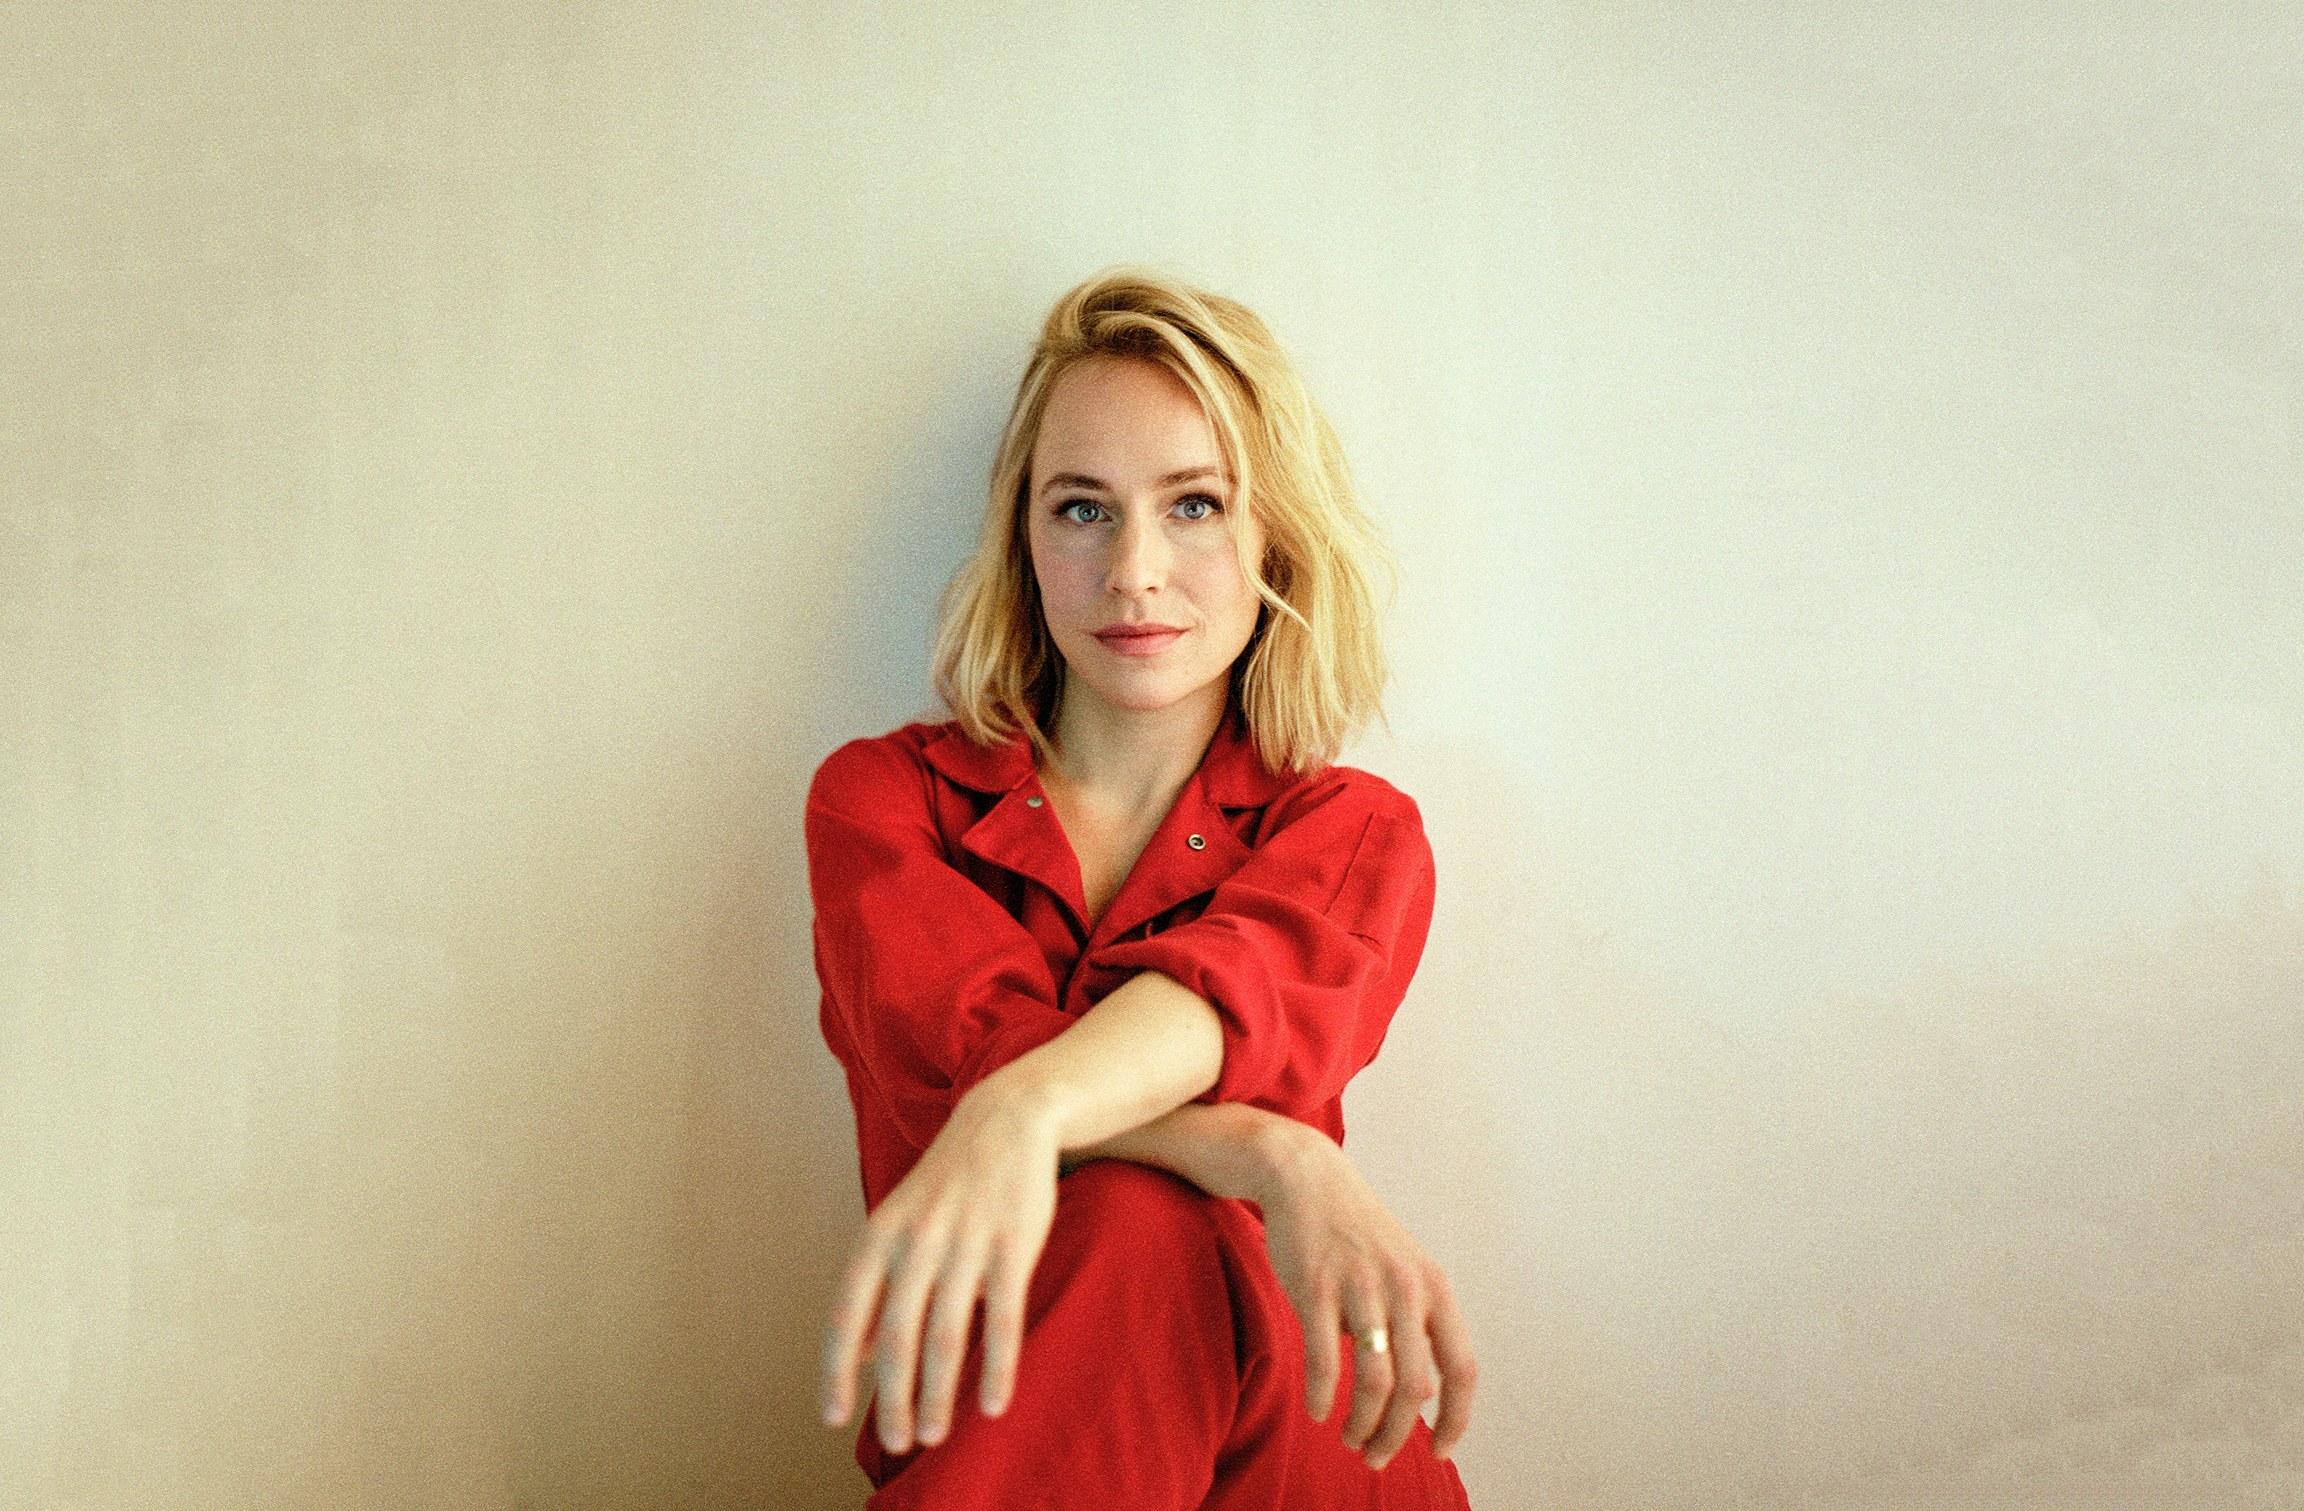 Sarah-Goldberg-barry-gq-interview-2.jpg